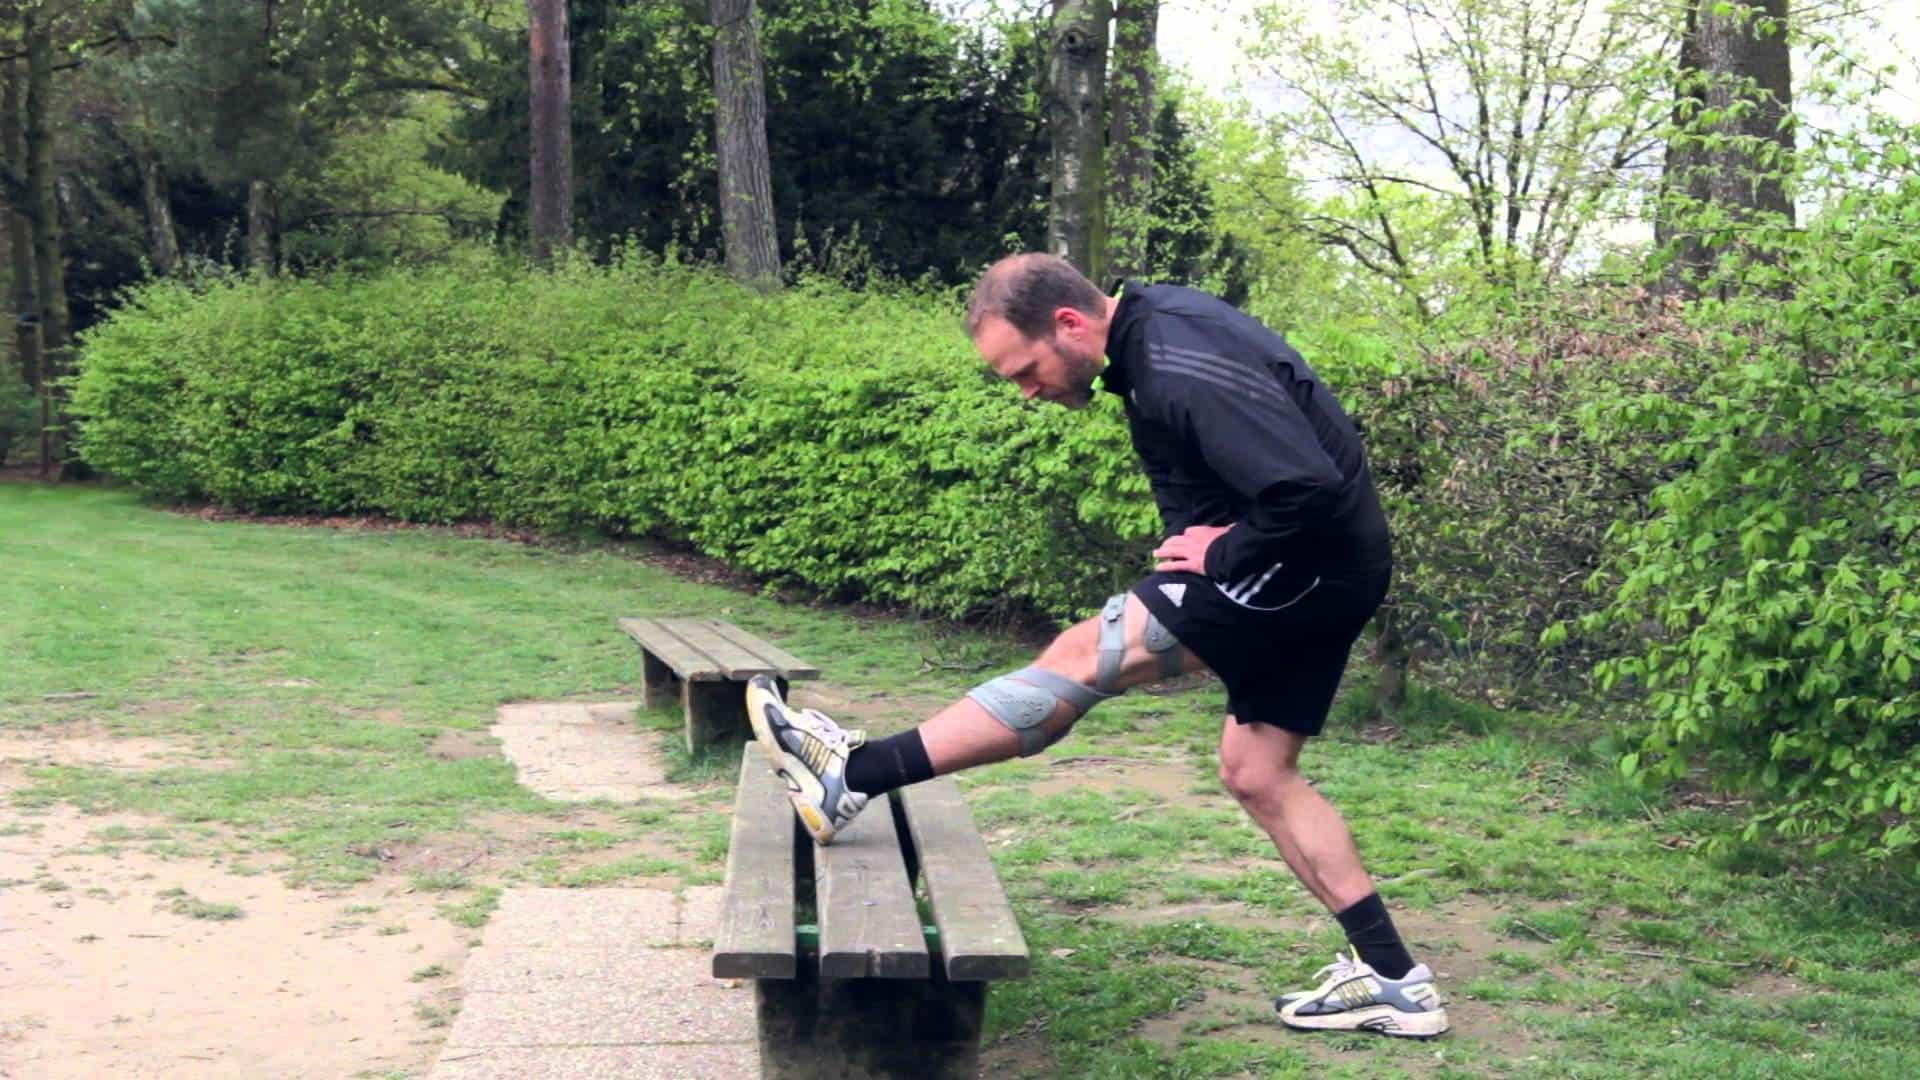 Unloader Knee Brace